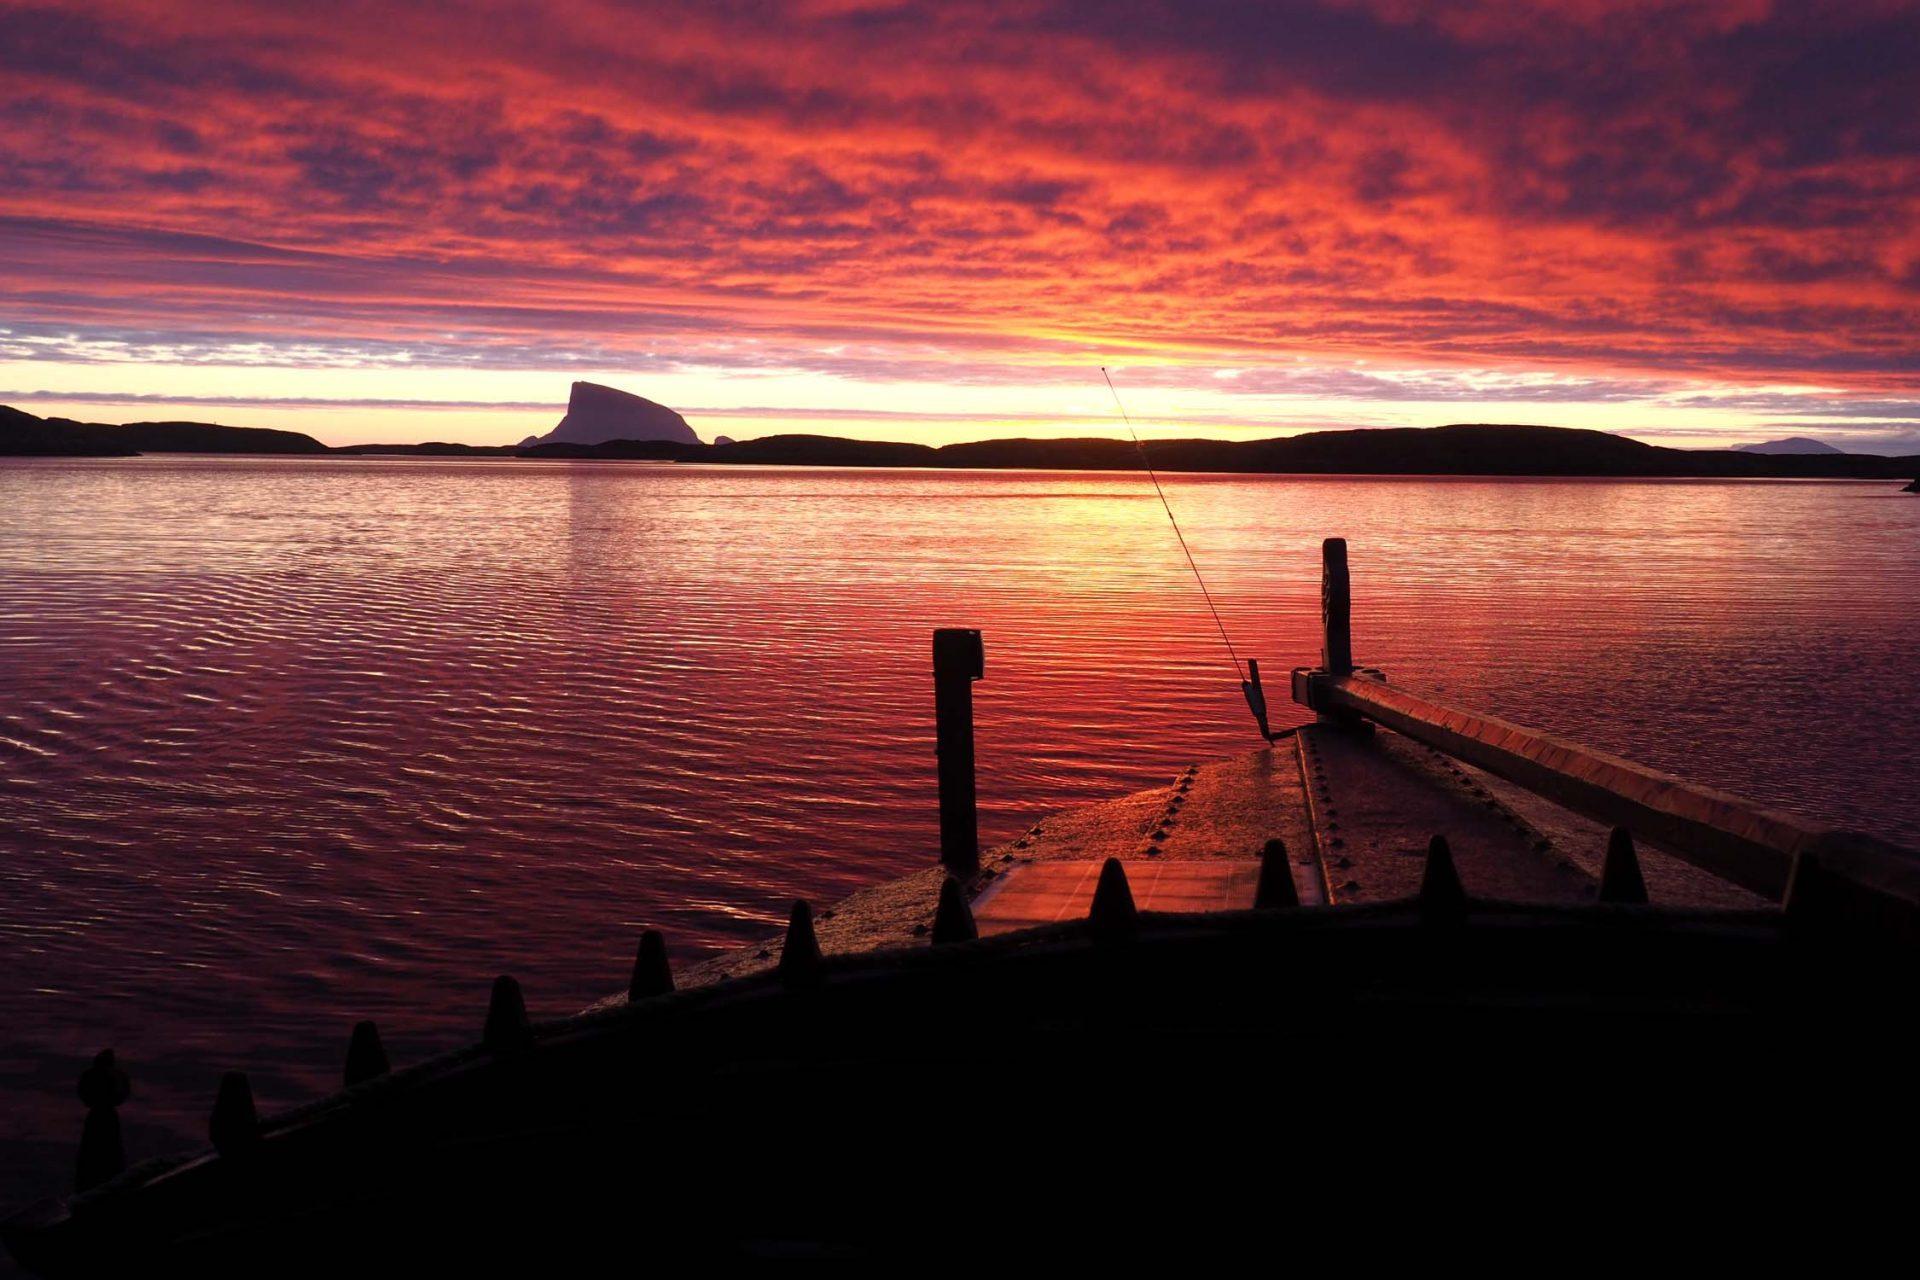 Seiling i solnedgang pa helgelandskysten. Trebat med rorgrind i forgrunnen, Lovund i bakgrunnen.